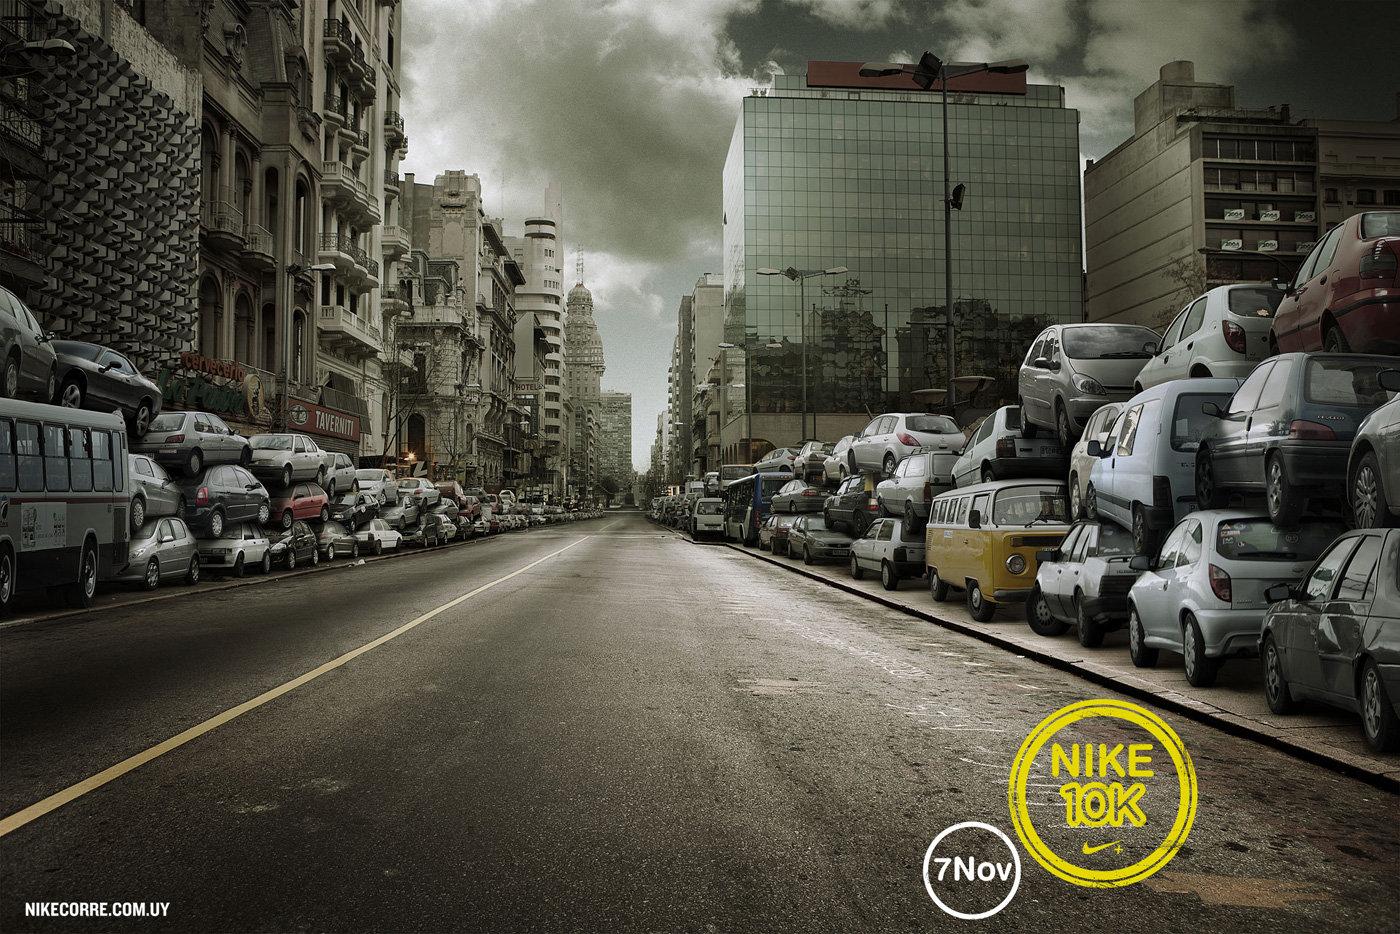 Nike耐克10k跑步项目的宣传广告-跑步当道,诸车回避。